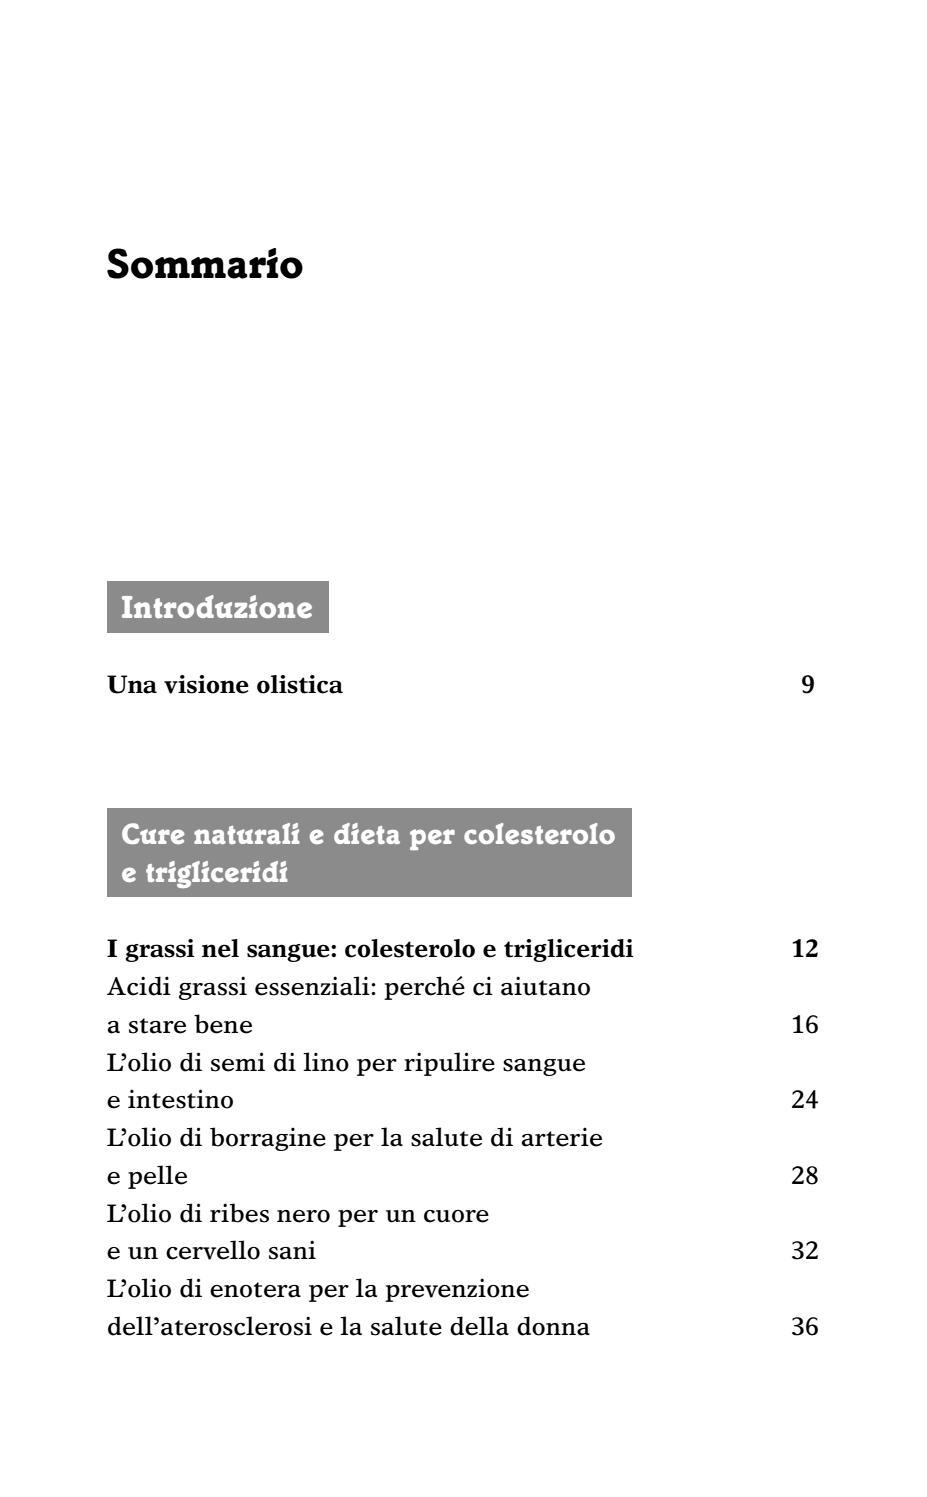 Guida pratica alle cure naturali by edizioni riza issuu for Dolori articolari cause